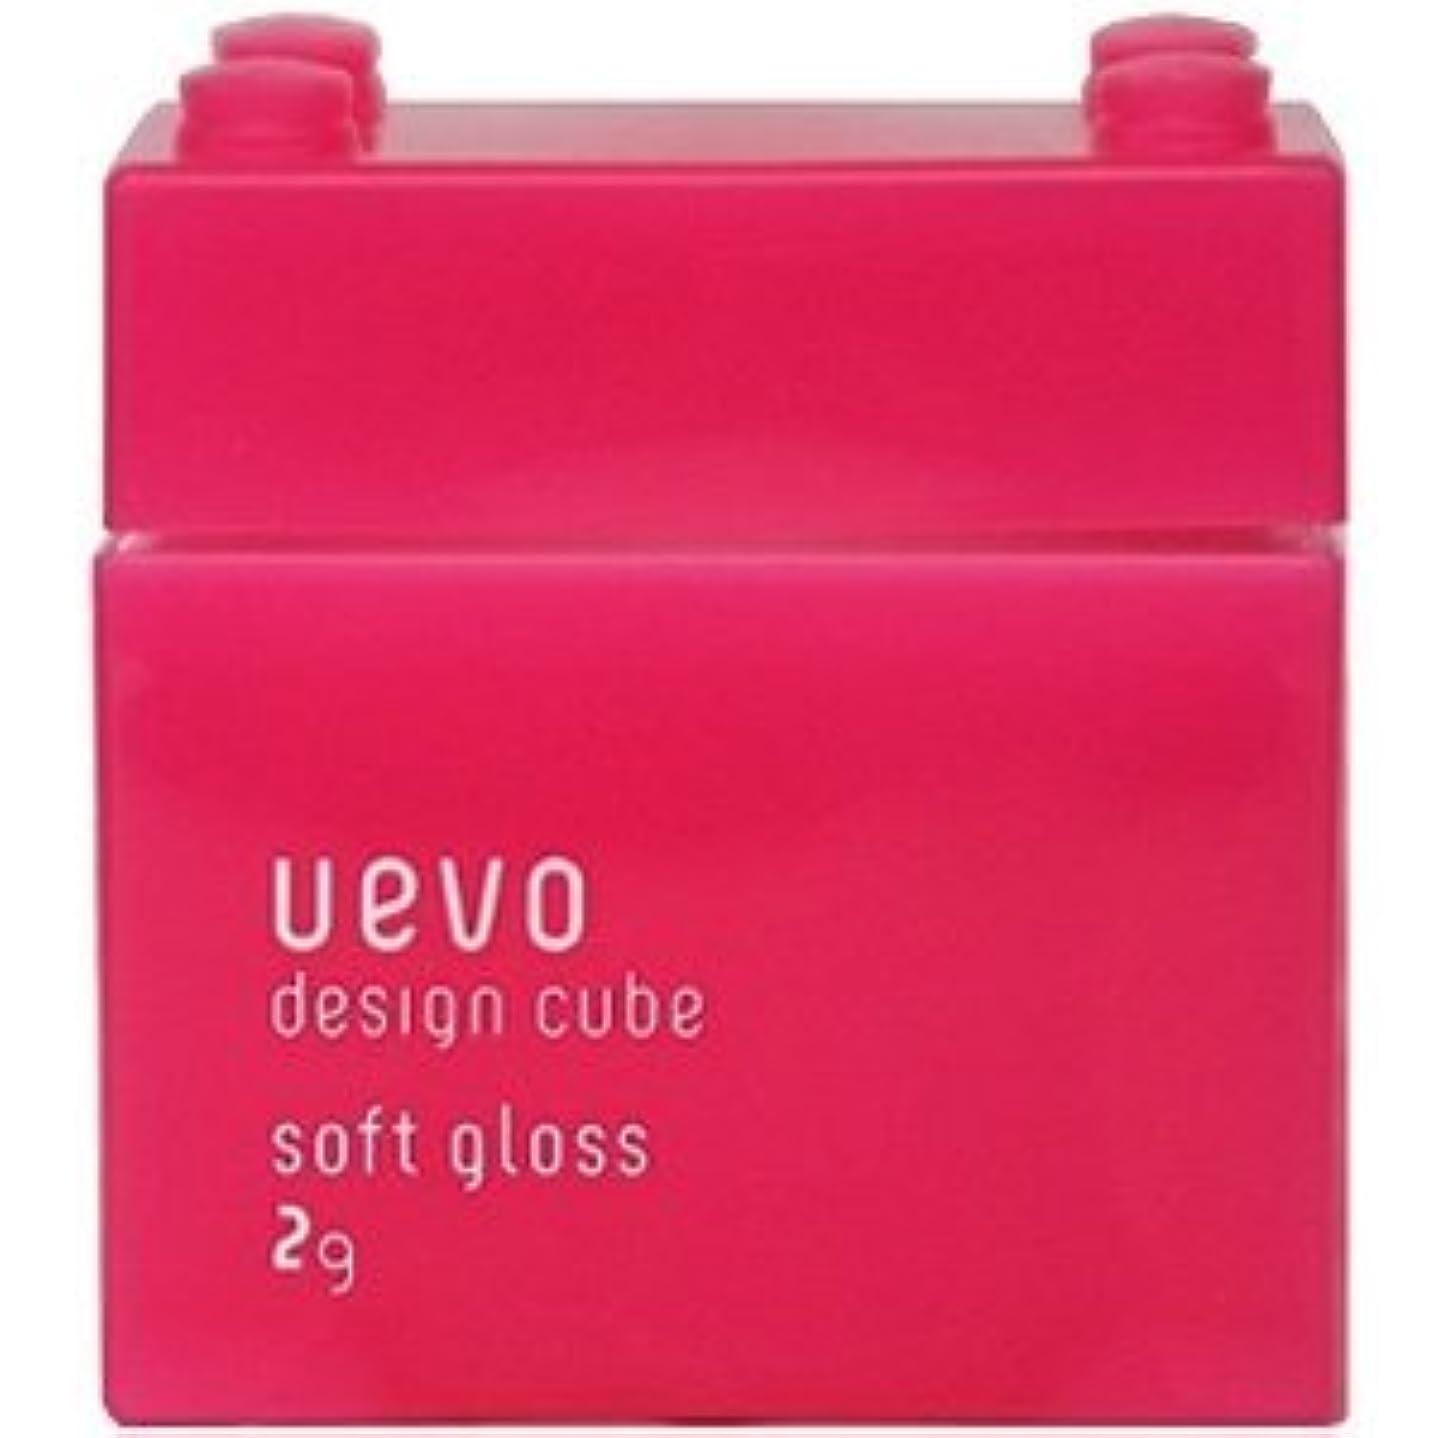 半導体本当のことを言うと保護する【X2個セット】 デミ ウェーボ デザインキューブ ソフトグロス 80g soft gloss DEMI uevo design cube